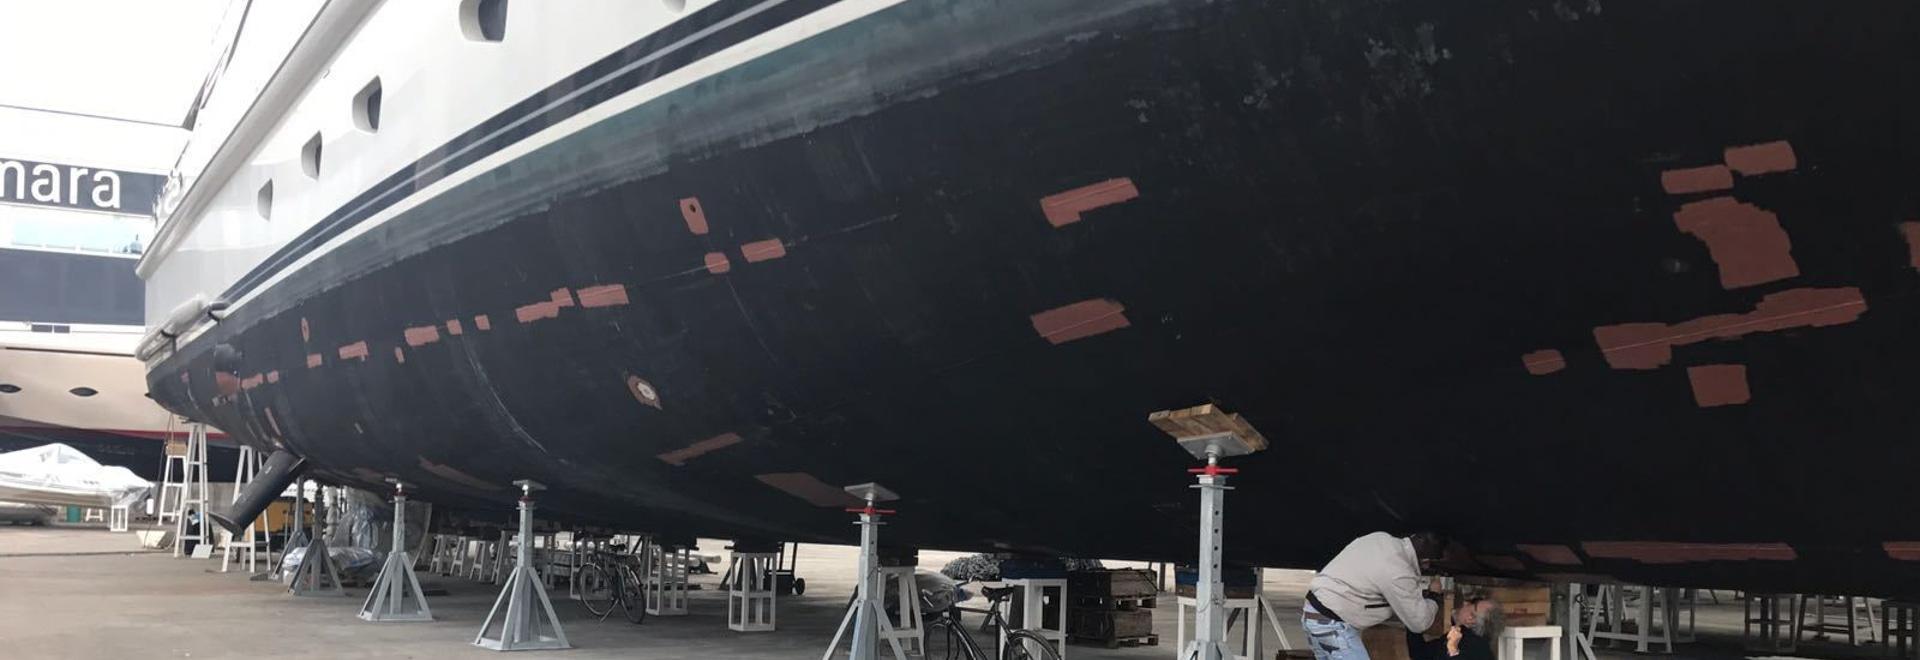 Kit Keel-Blocks for Mega Motor Yacht